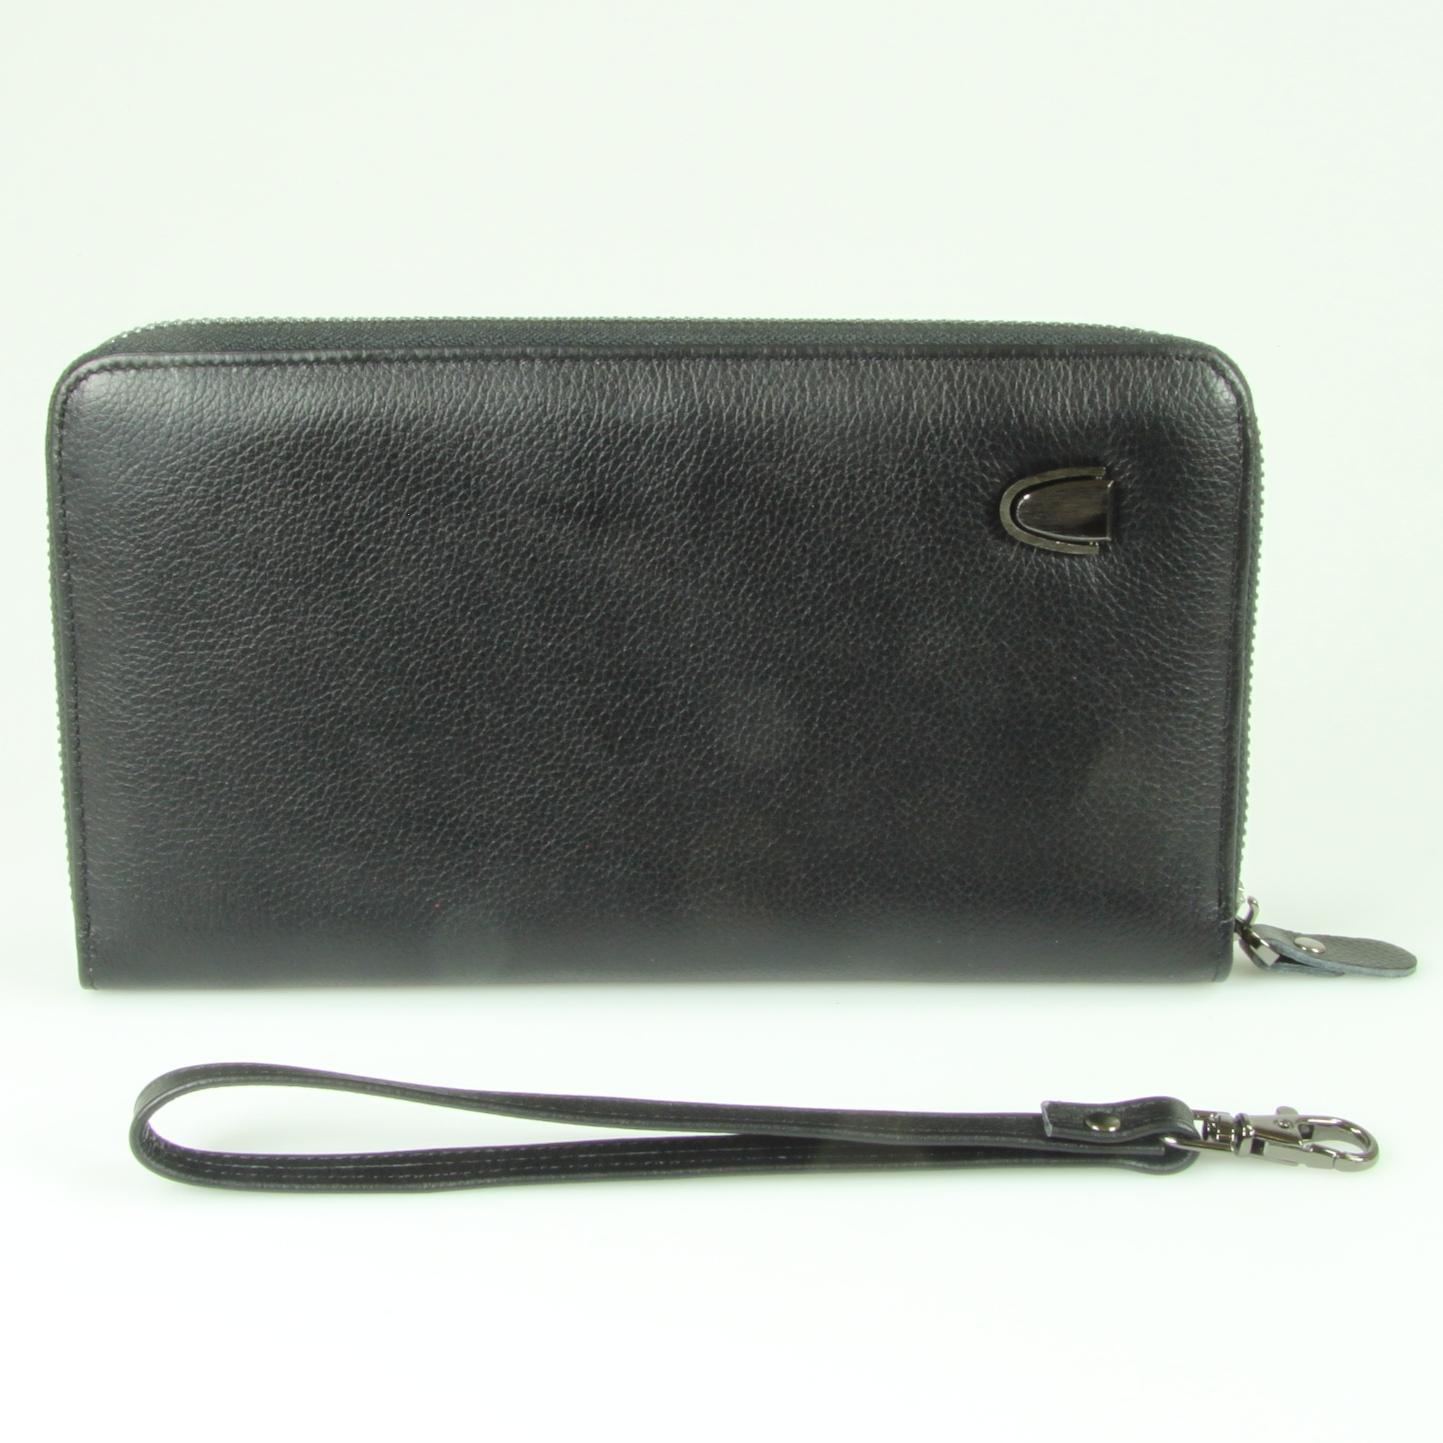 Клатч мужской кожаный чёрный на молнии с ремешком DoubleCity 078-DC31-37A